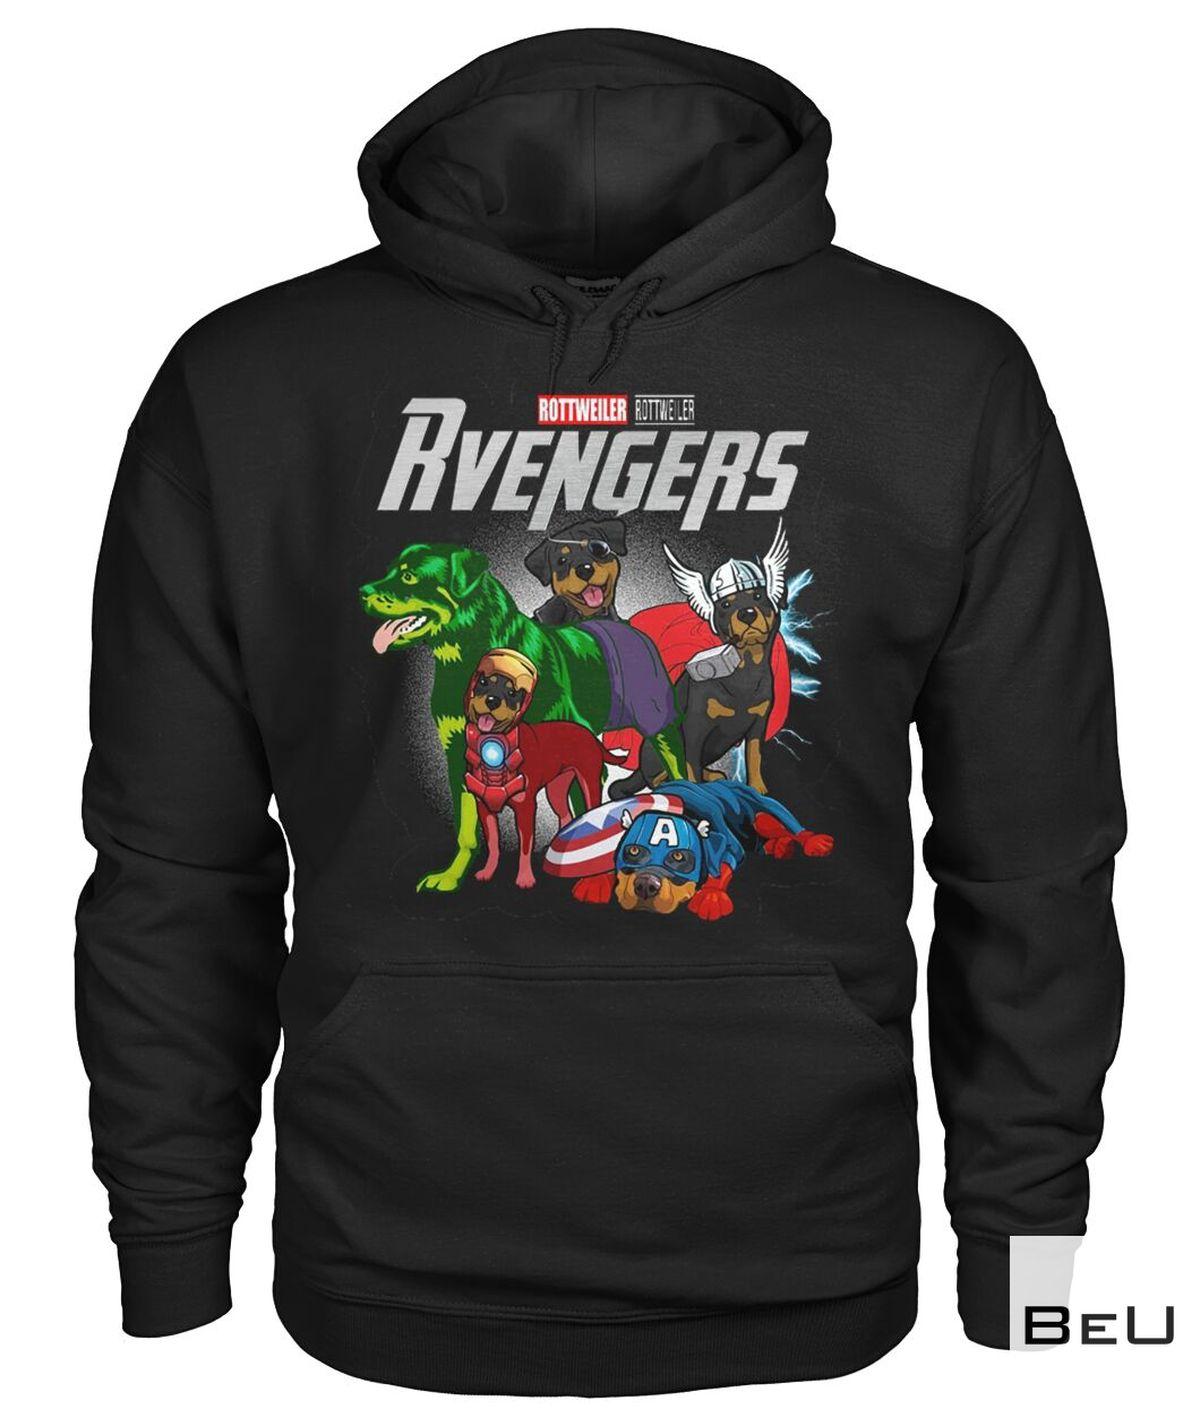 Rottweiler Rvengers Avengers Shirtz